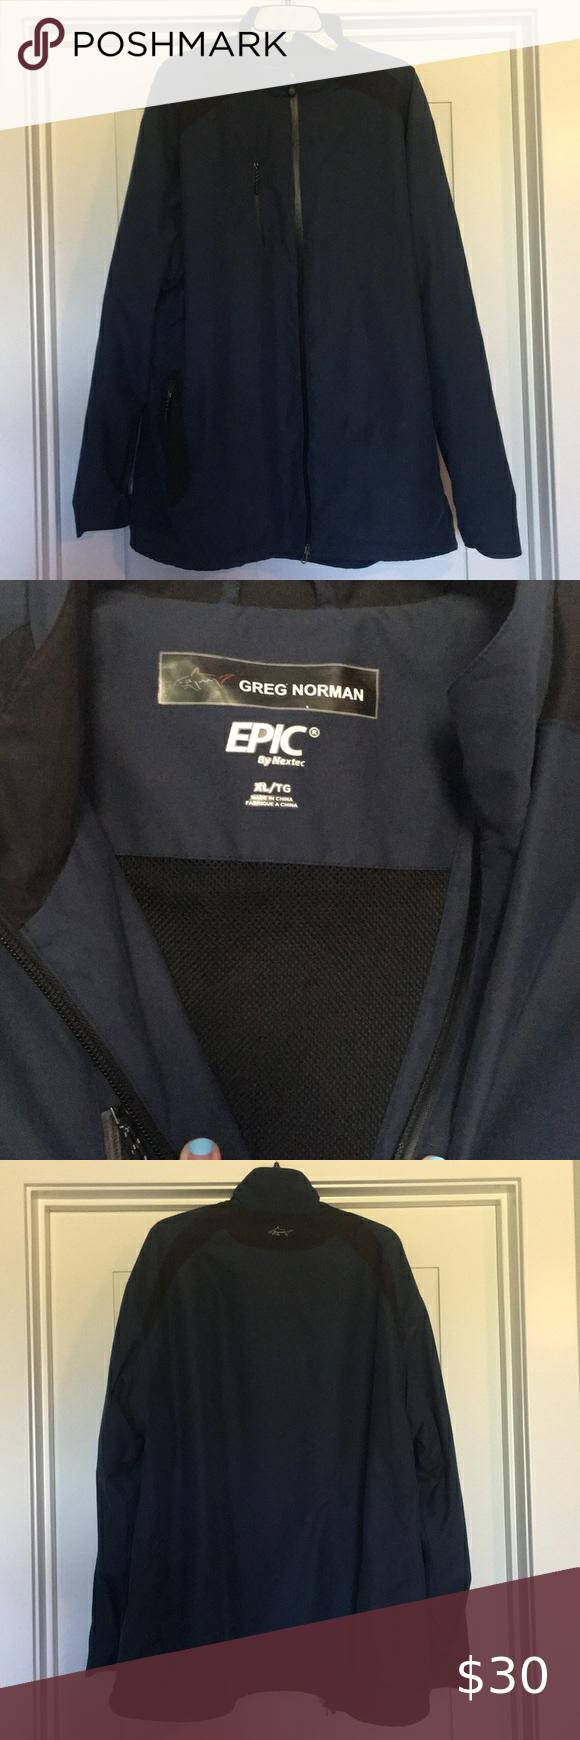 Greg Norman Zip Up Jacket In 2020 Jackets Greg Norman Zip Ups